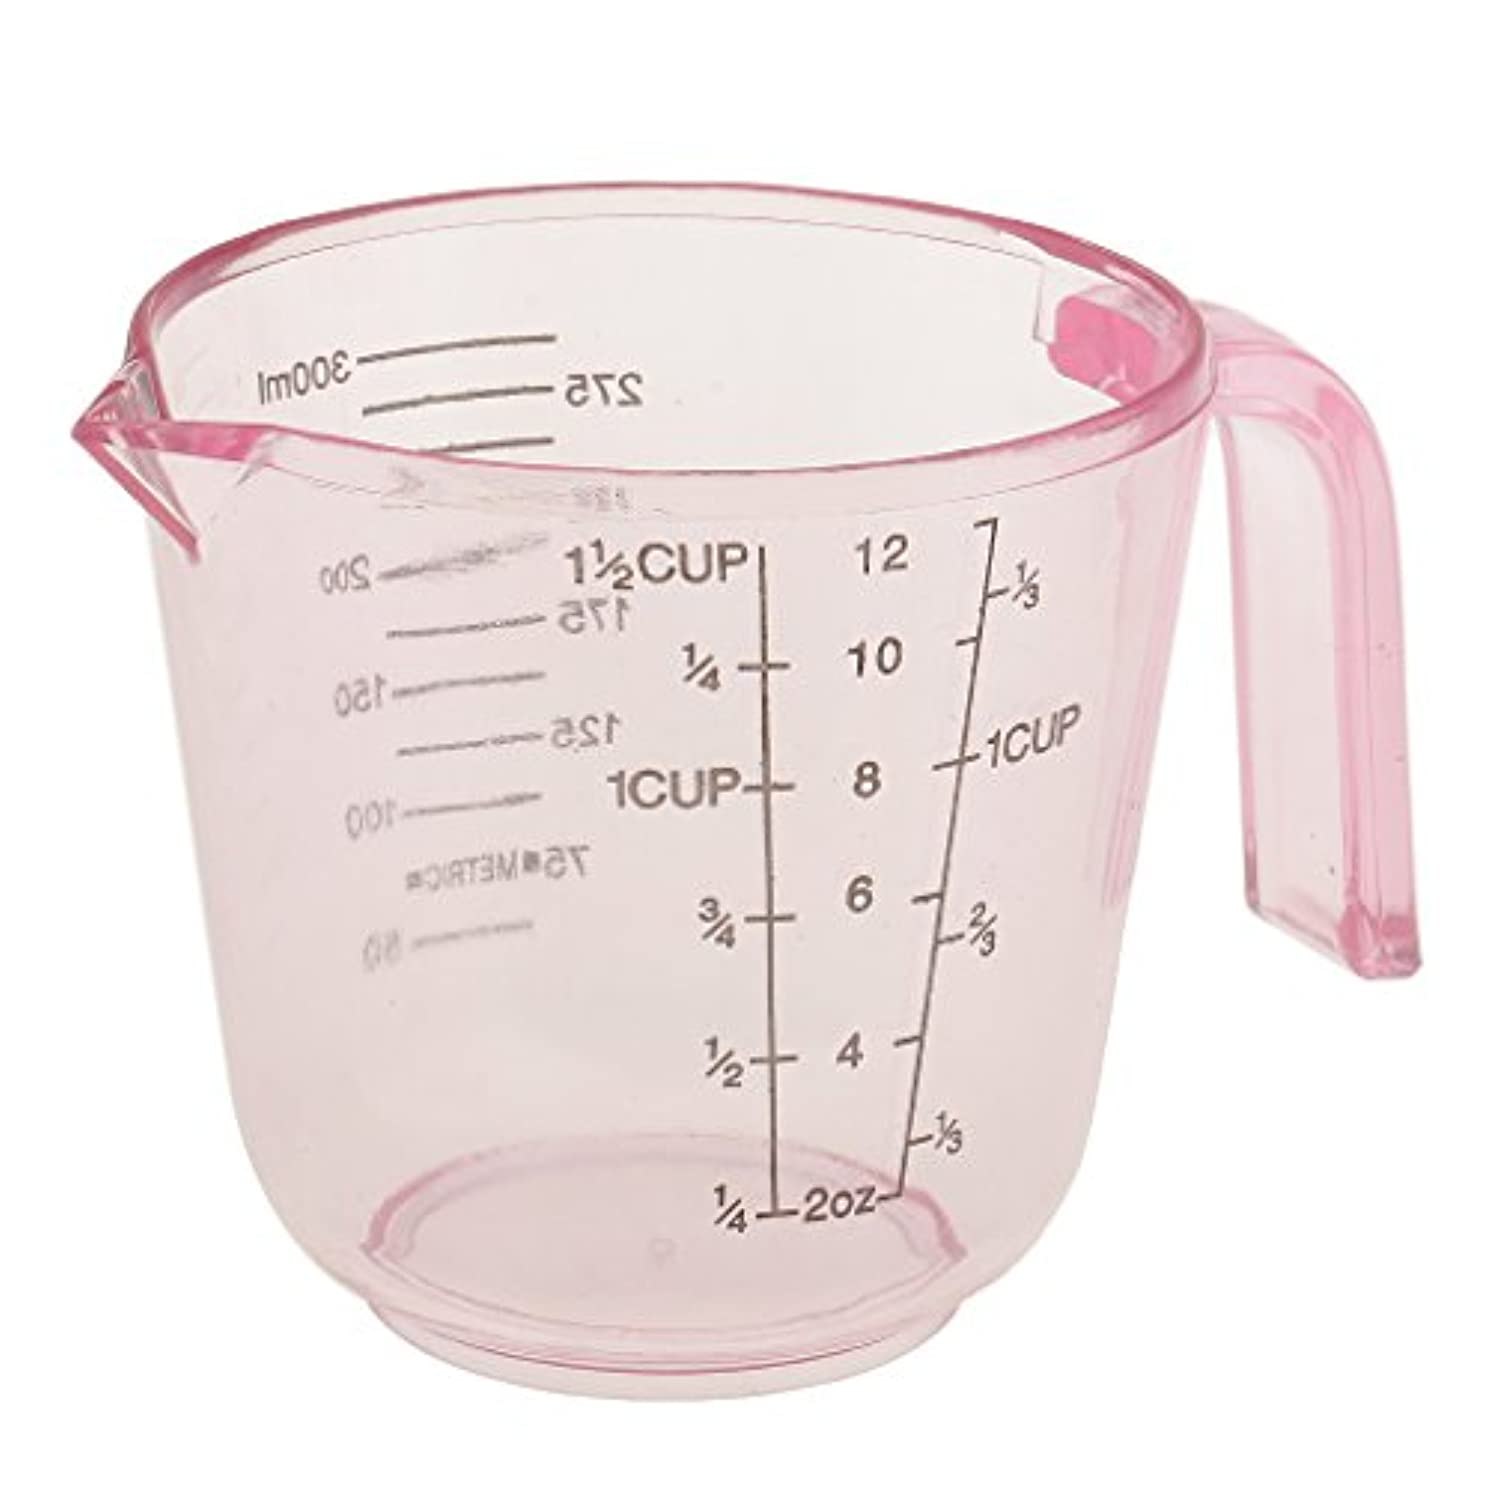 十分ですコウモリムスタチオPerfk 計量カップ 多機能 プラスチック製 サロン ヘアカラー 髪染め 測定用 全3色選べ - ピンク